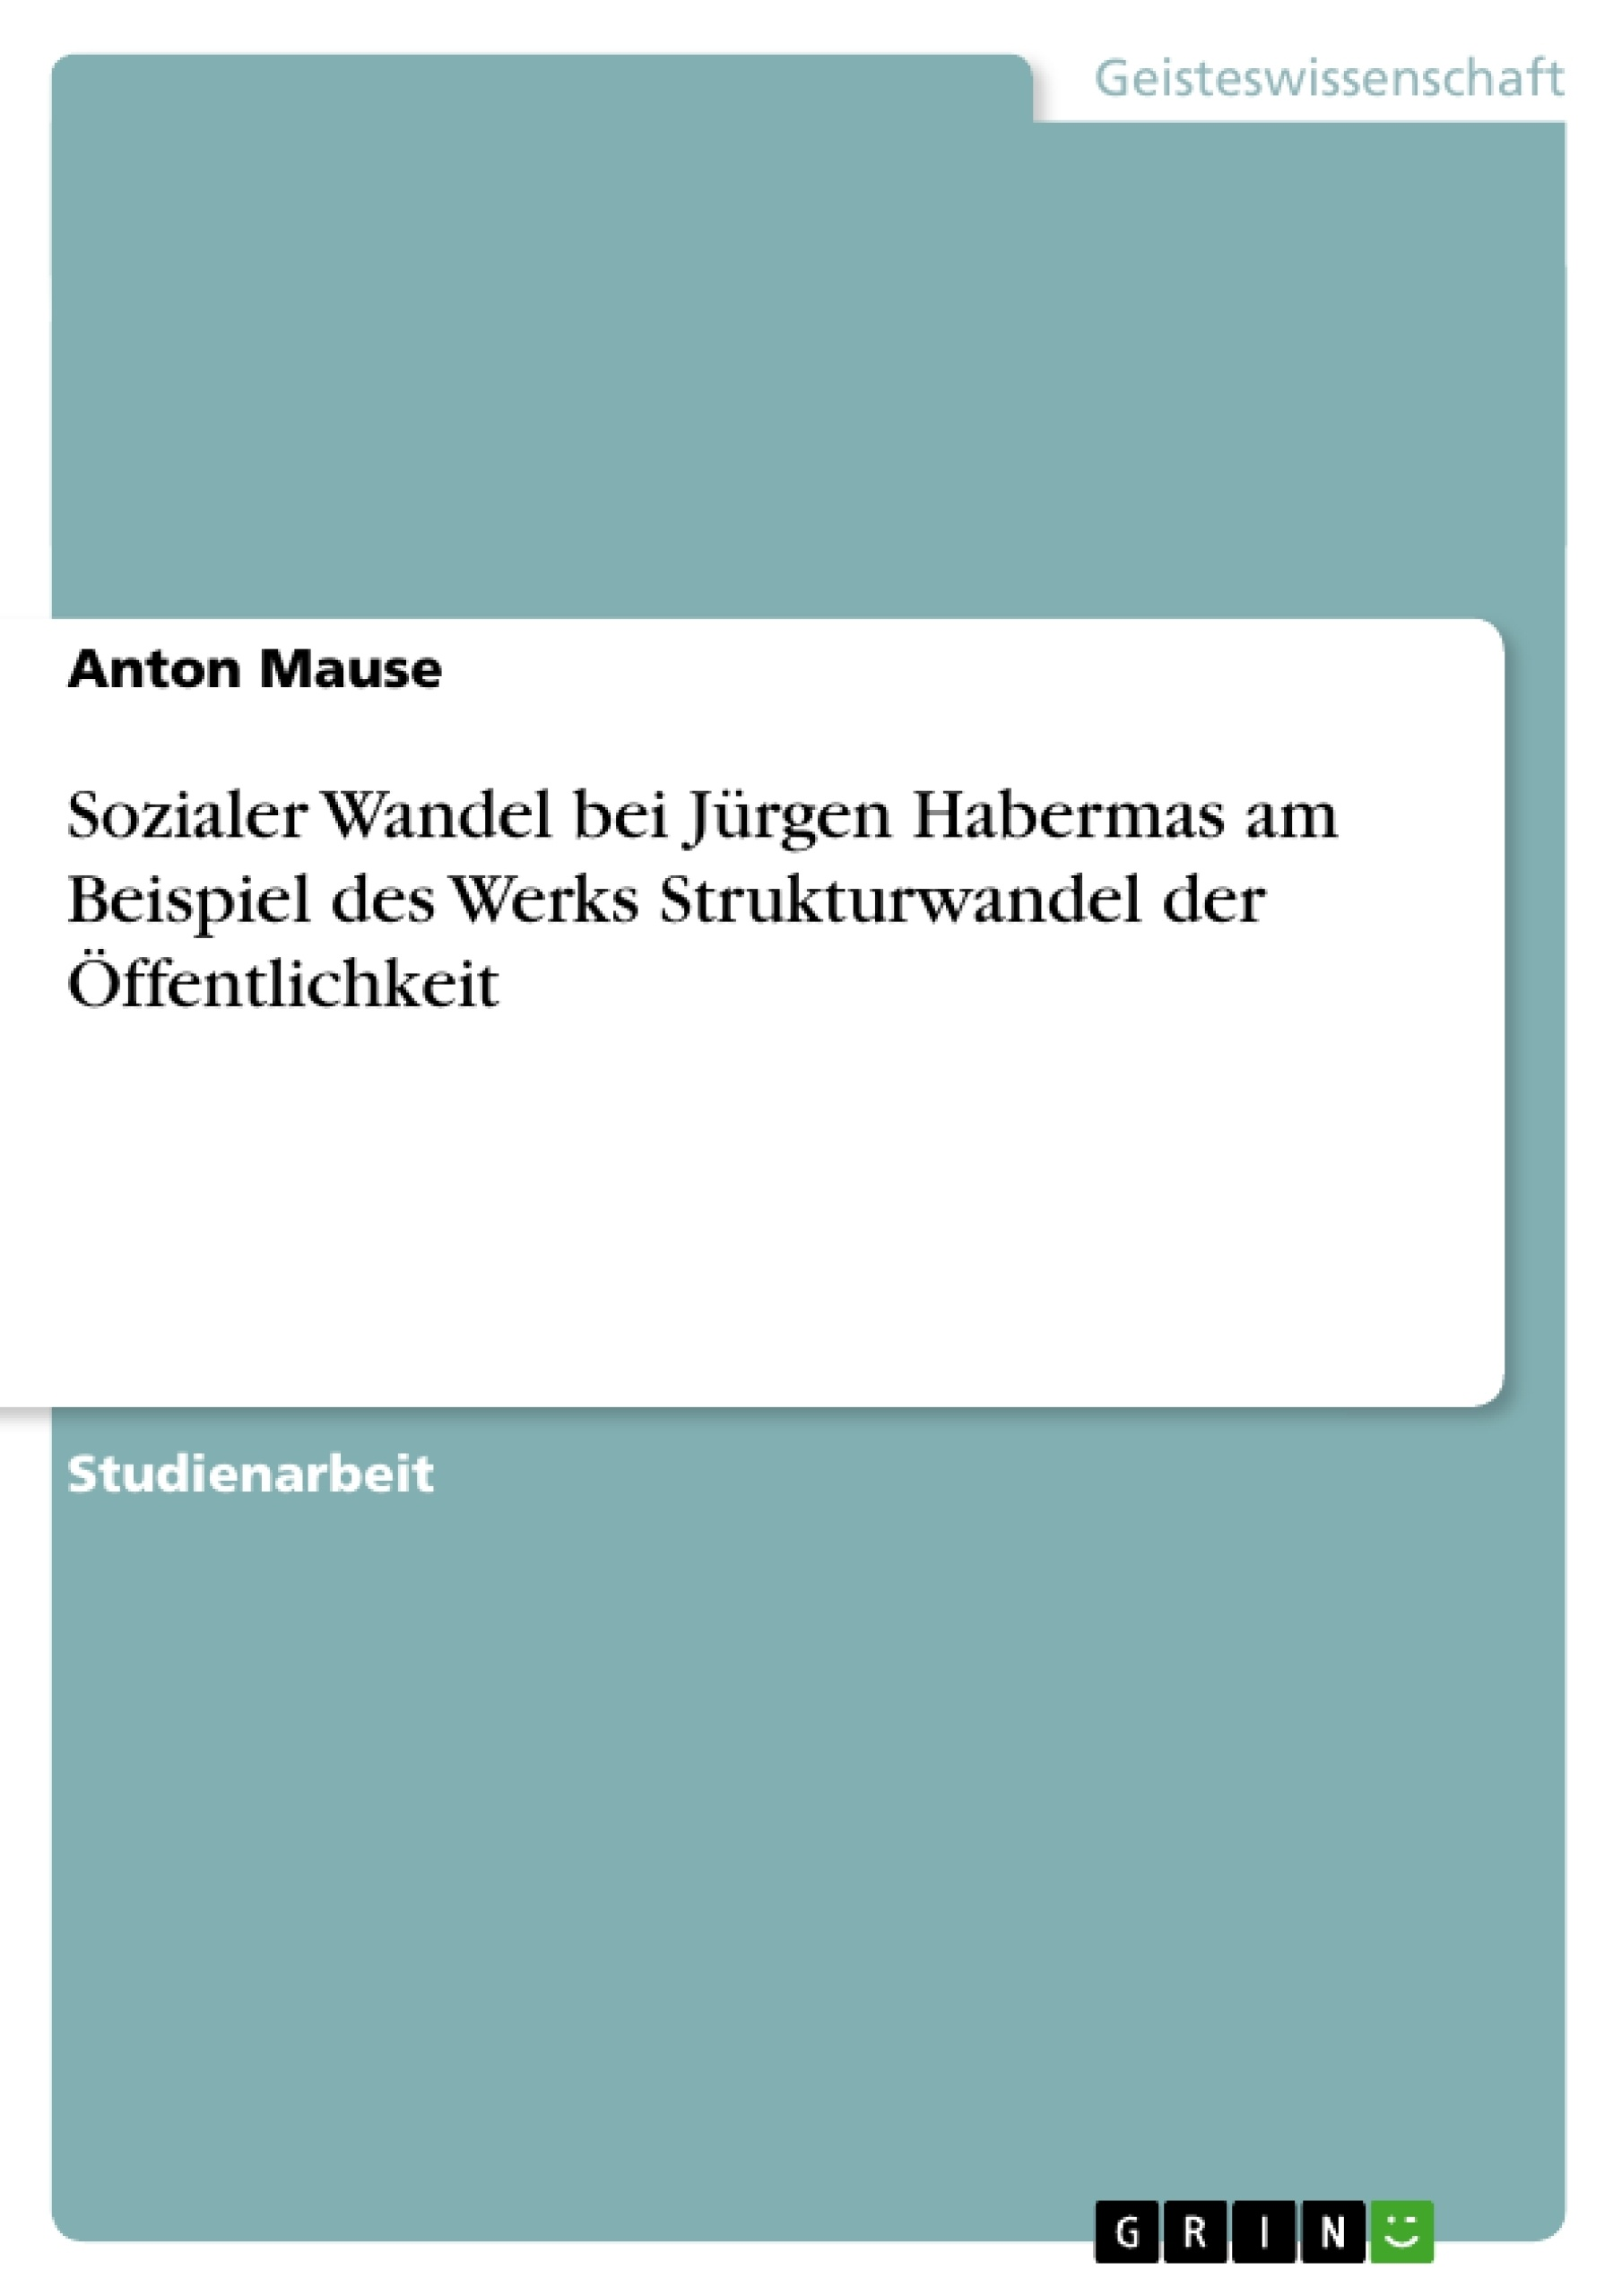 Titel: Sozialer Wandel bei Jürgen Habermas am Beispiel des Werks Strukturwandel der Öffentlichkeit